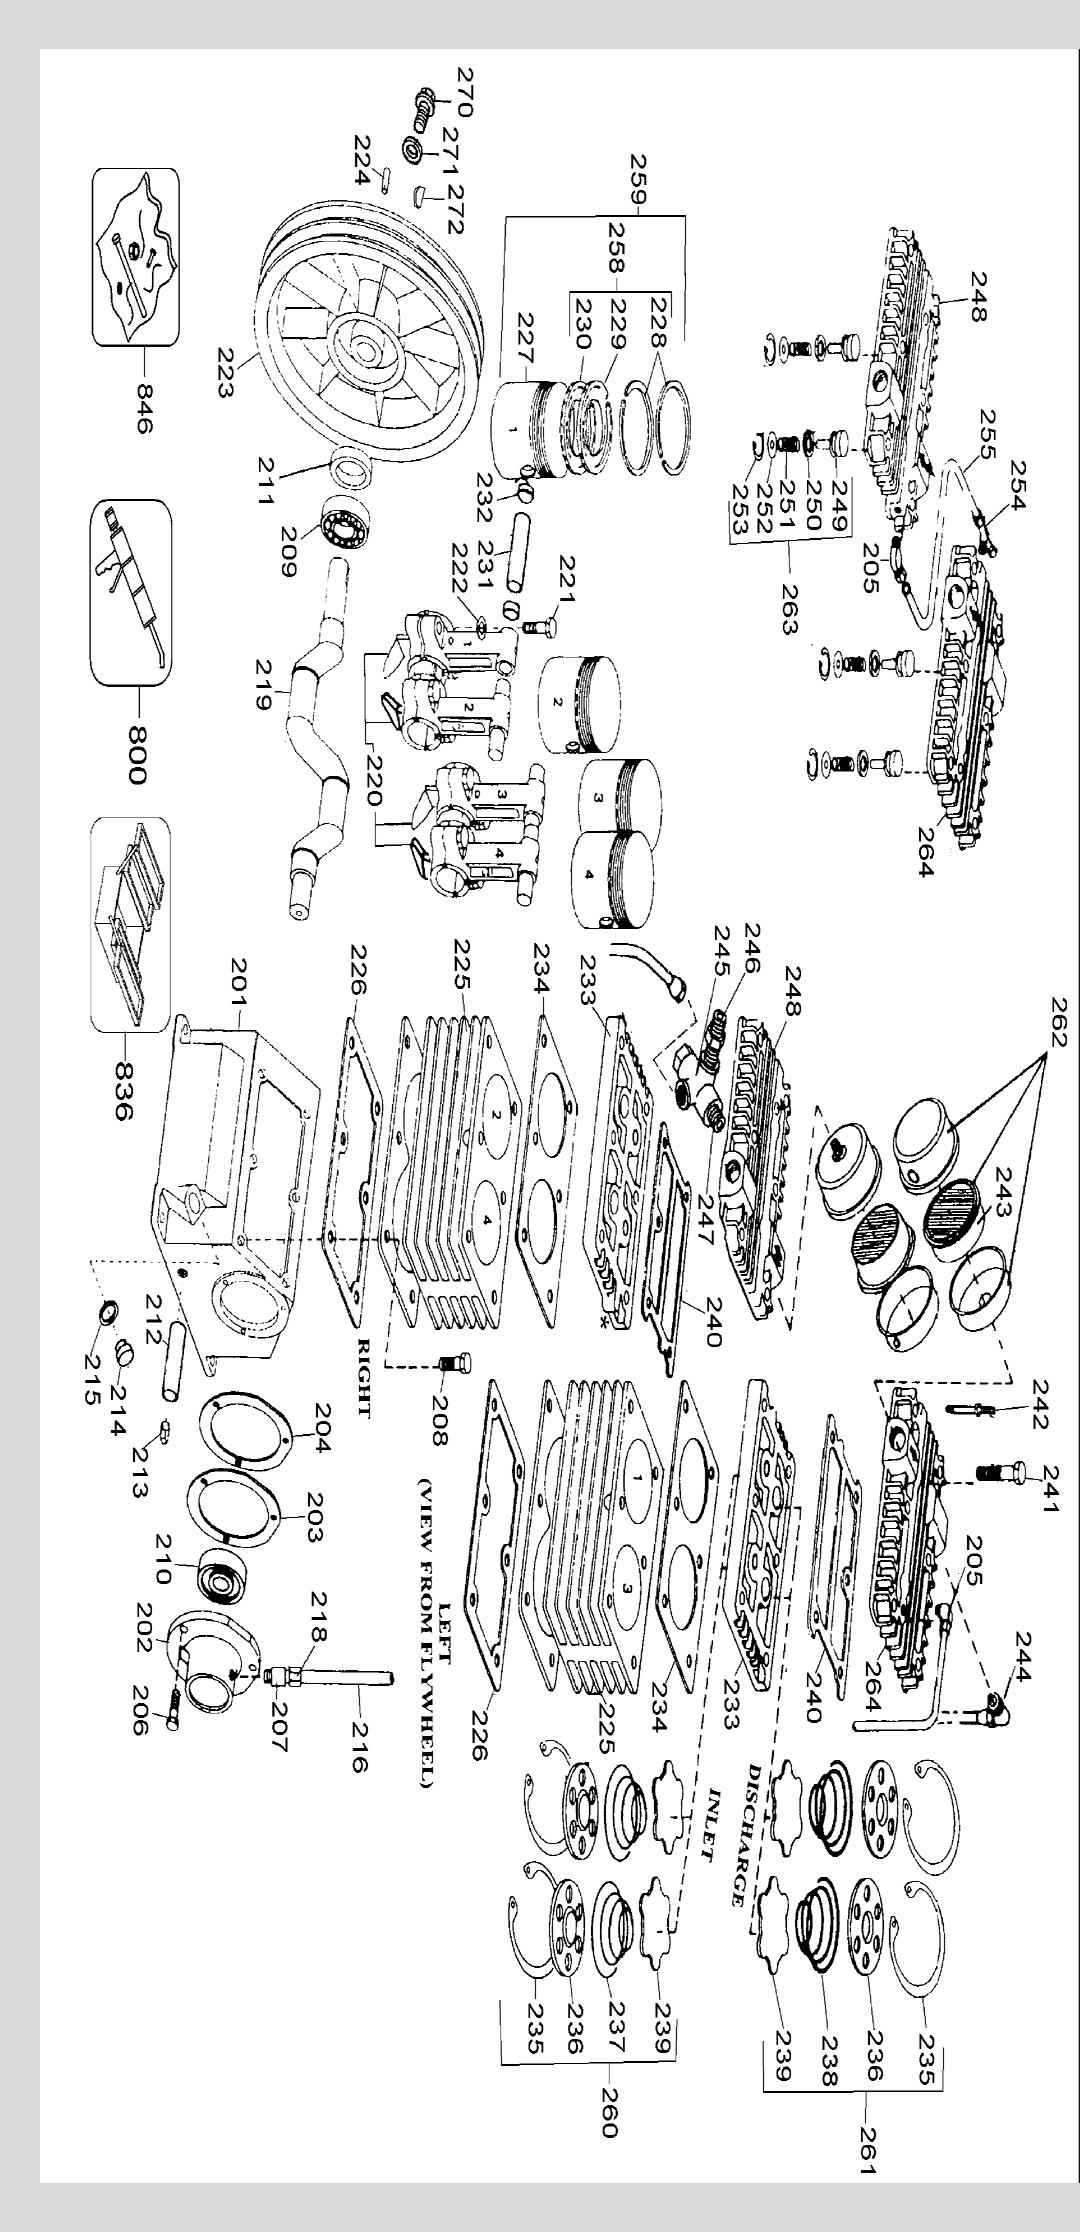 D55275-T3-Dewalt-PB-1Break Down